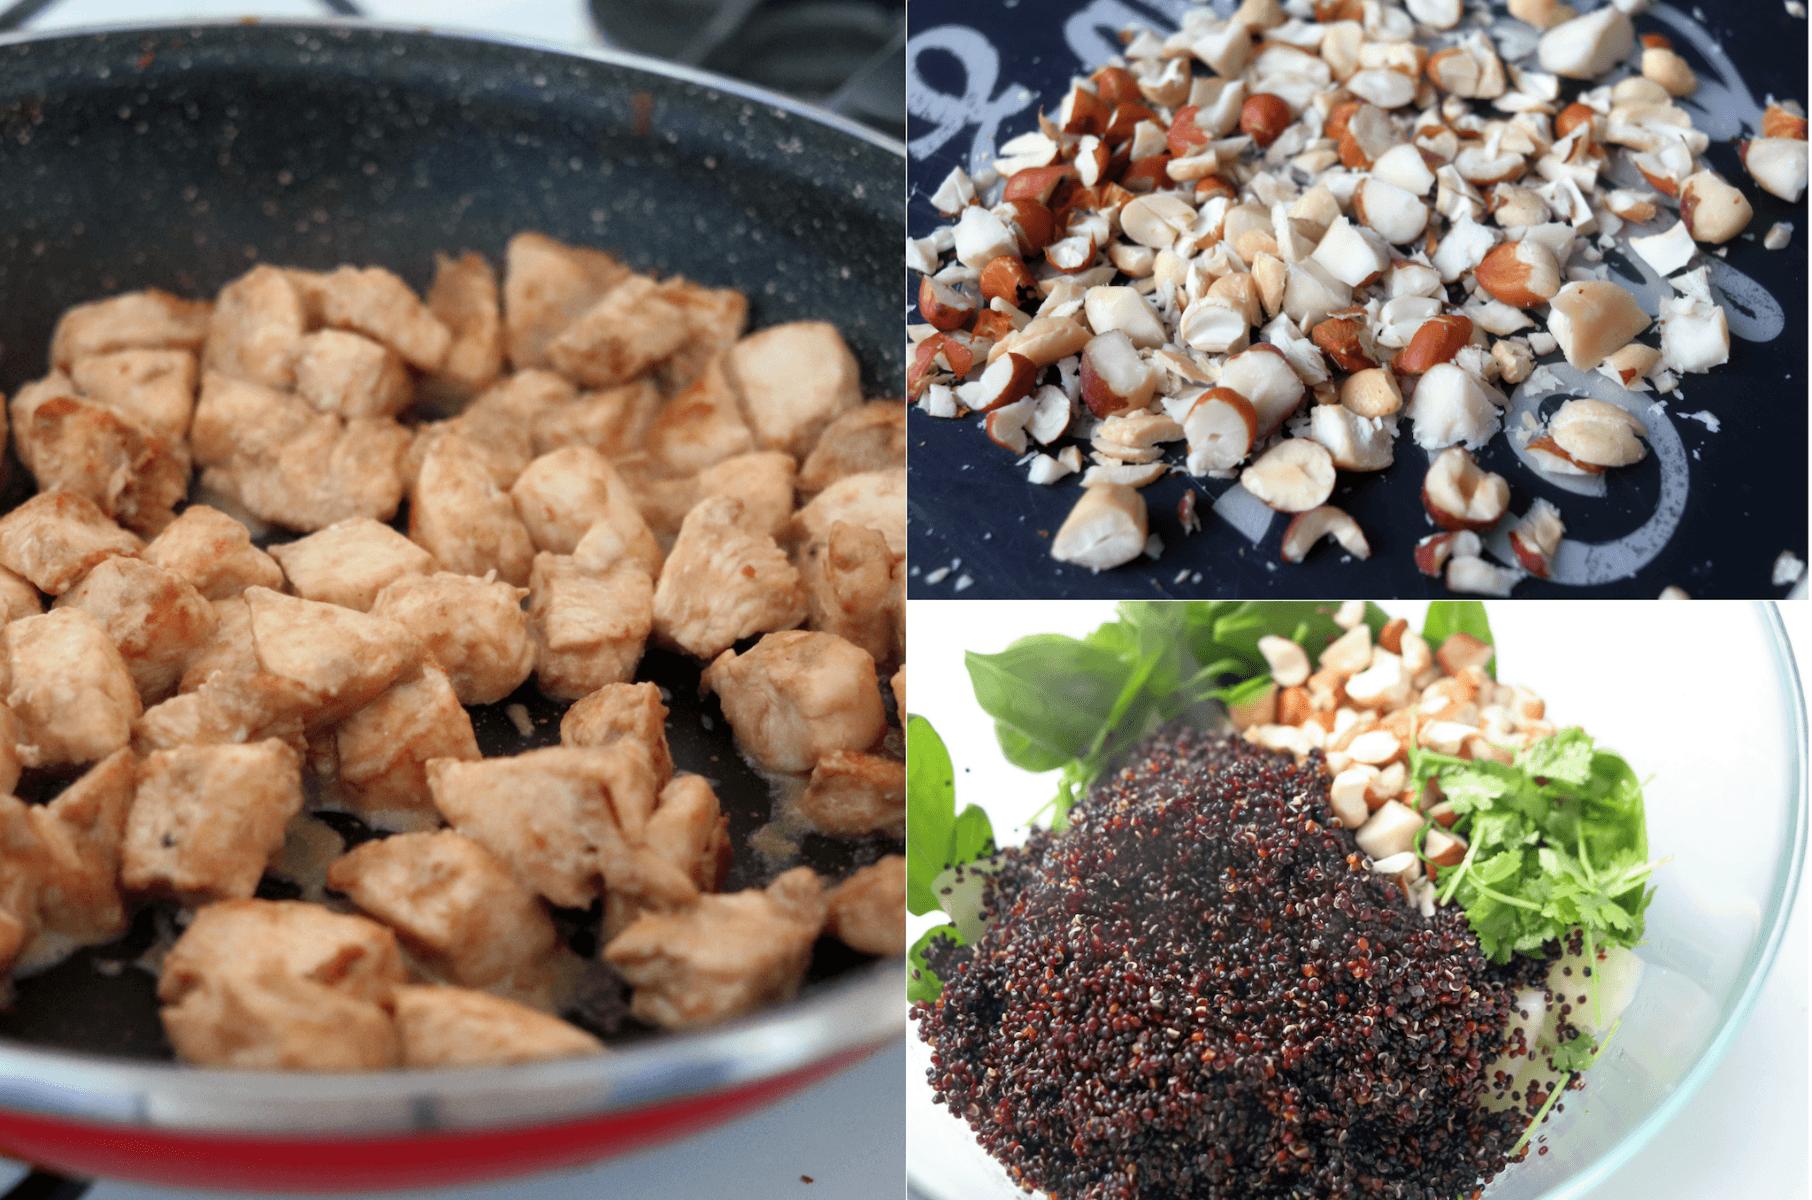 Mod de preparare rețetă fitness: Pui barbeque cu salată quinoa și ananas